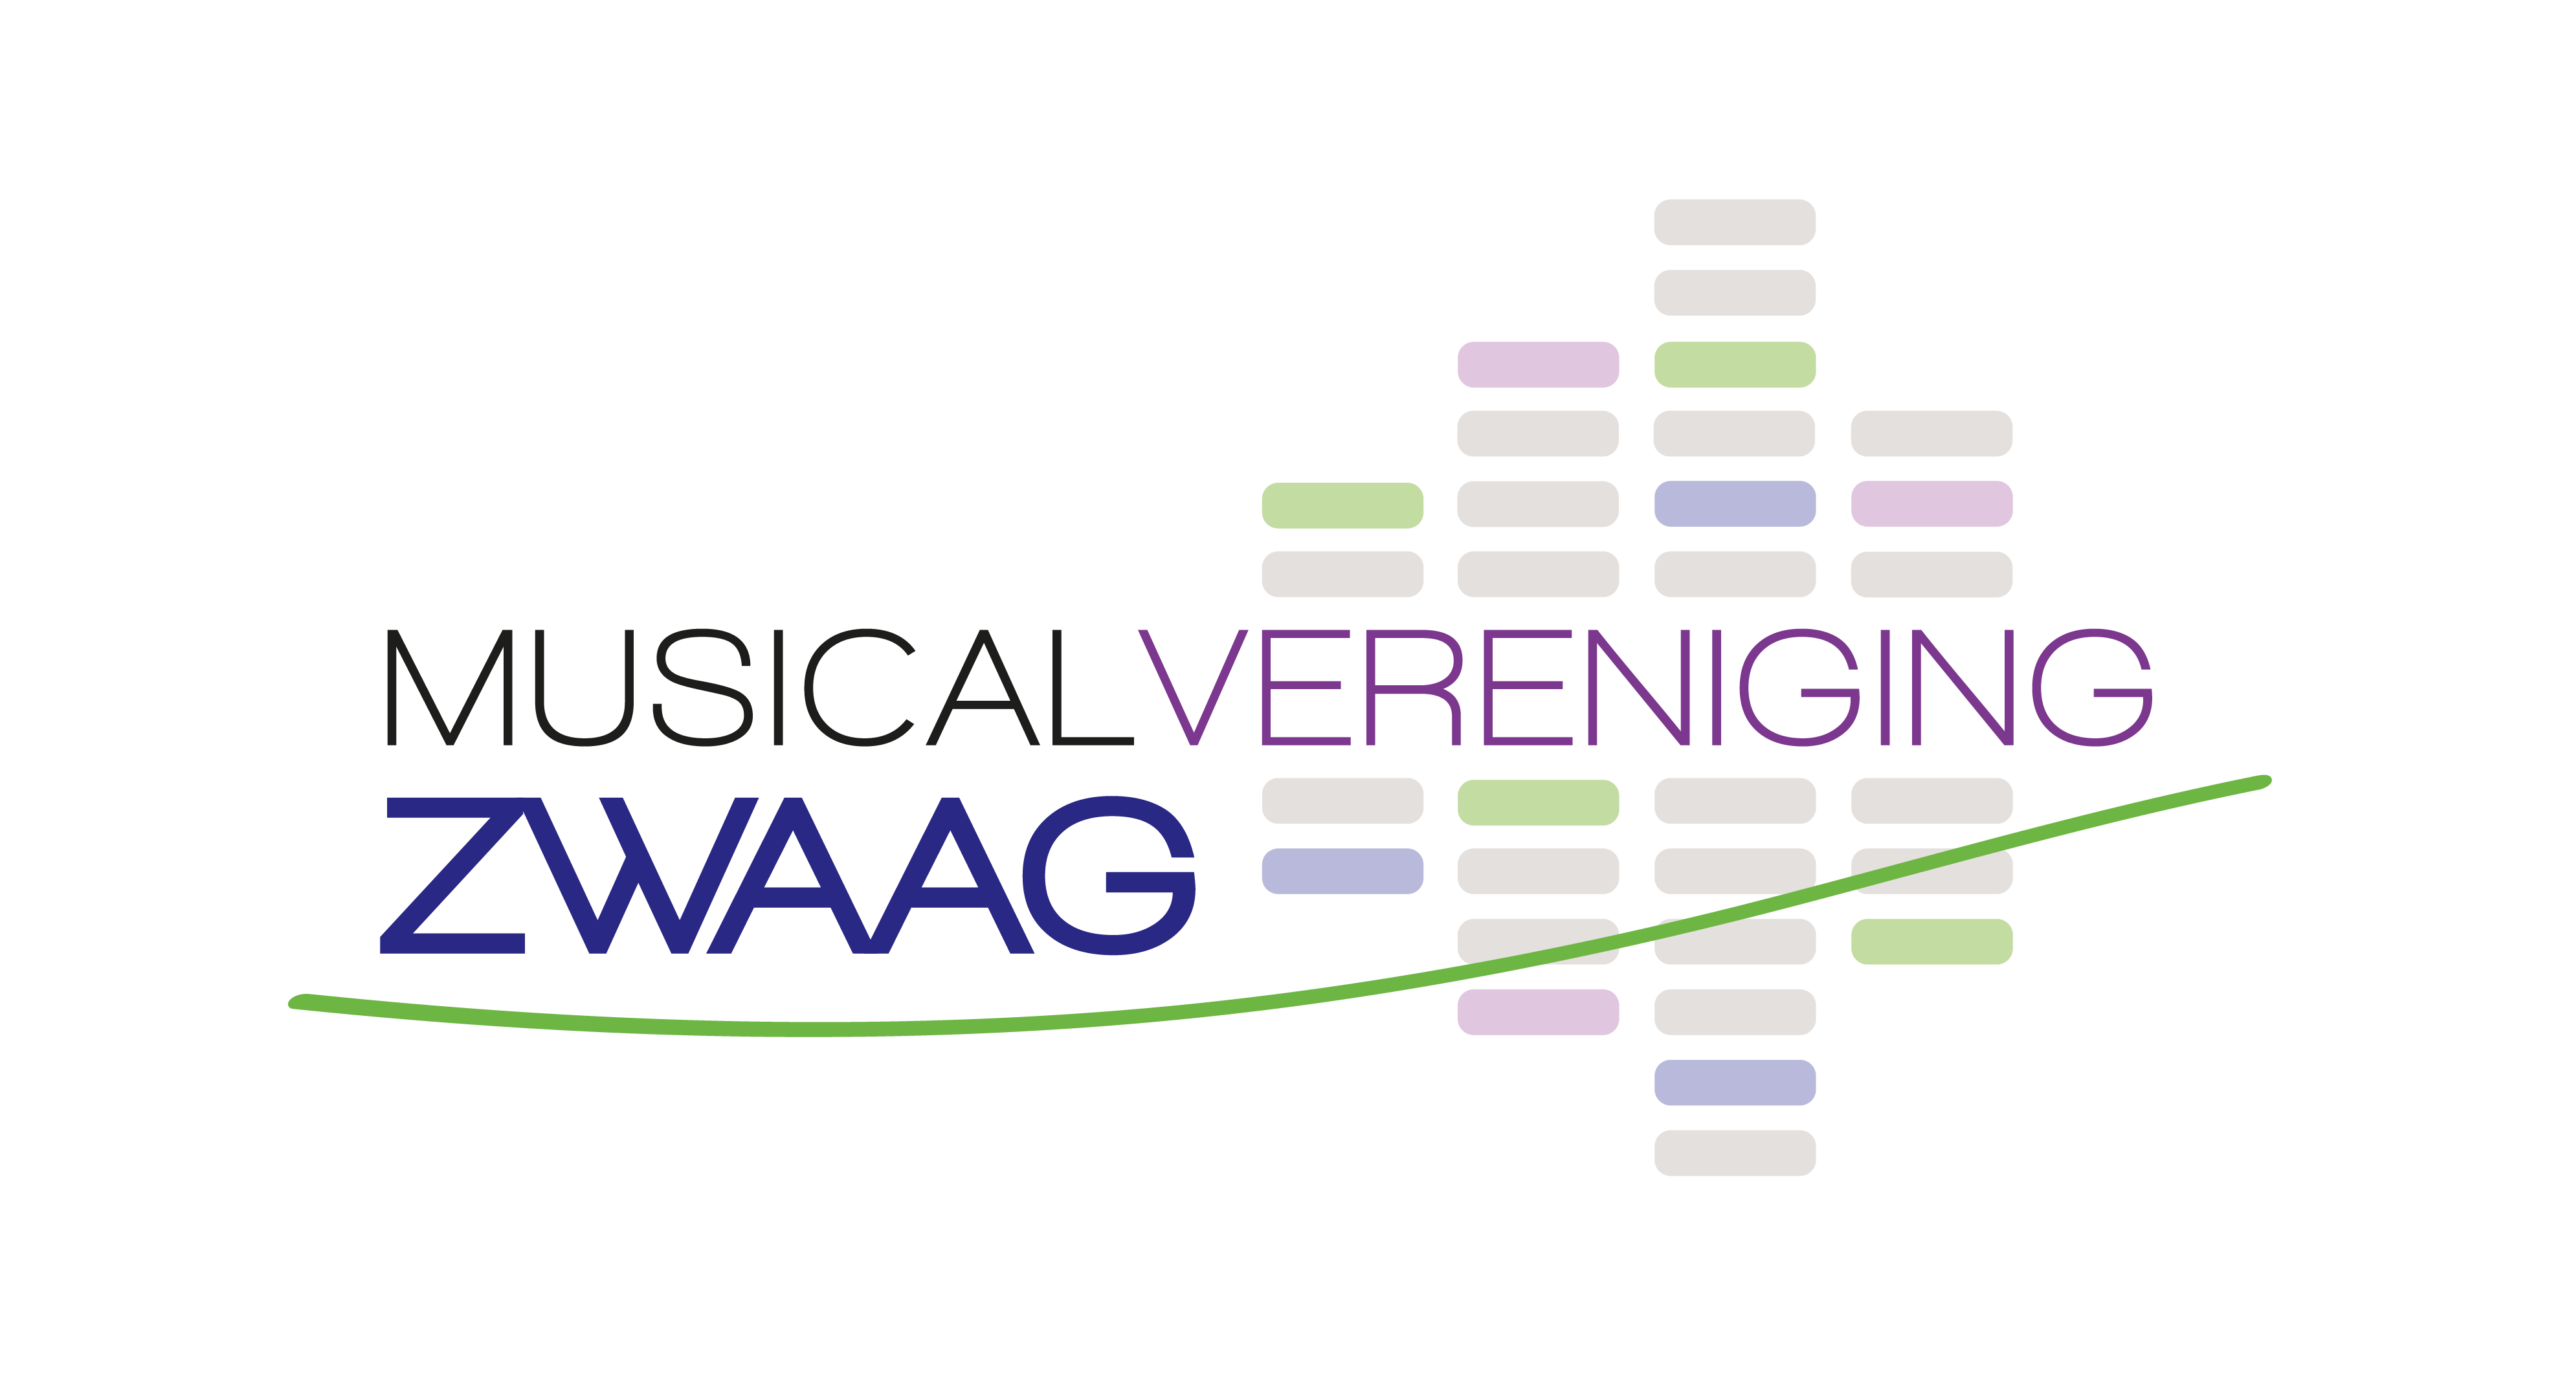 Musicalvereniging Zwaag Kerstboombestellen.online